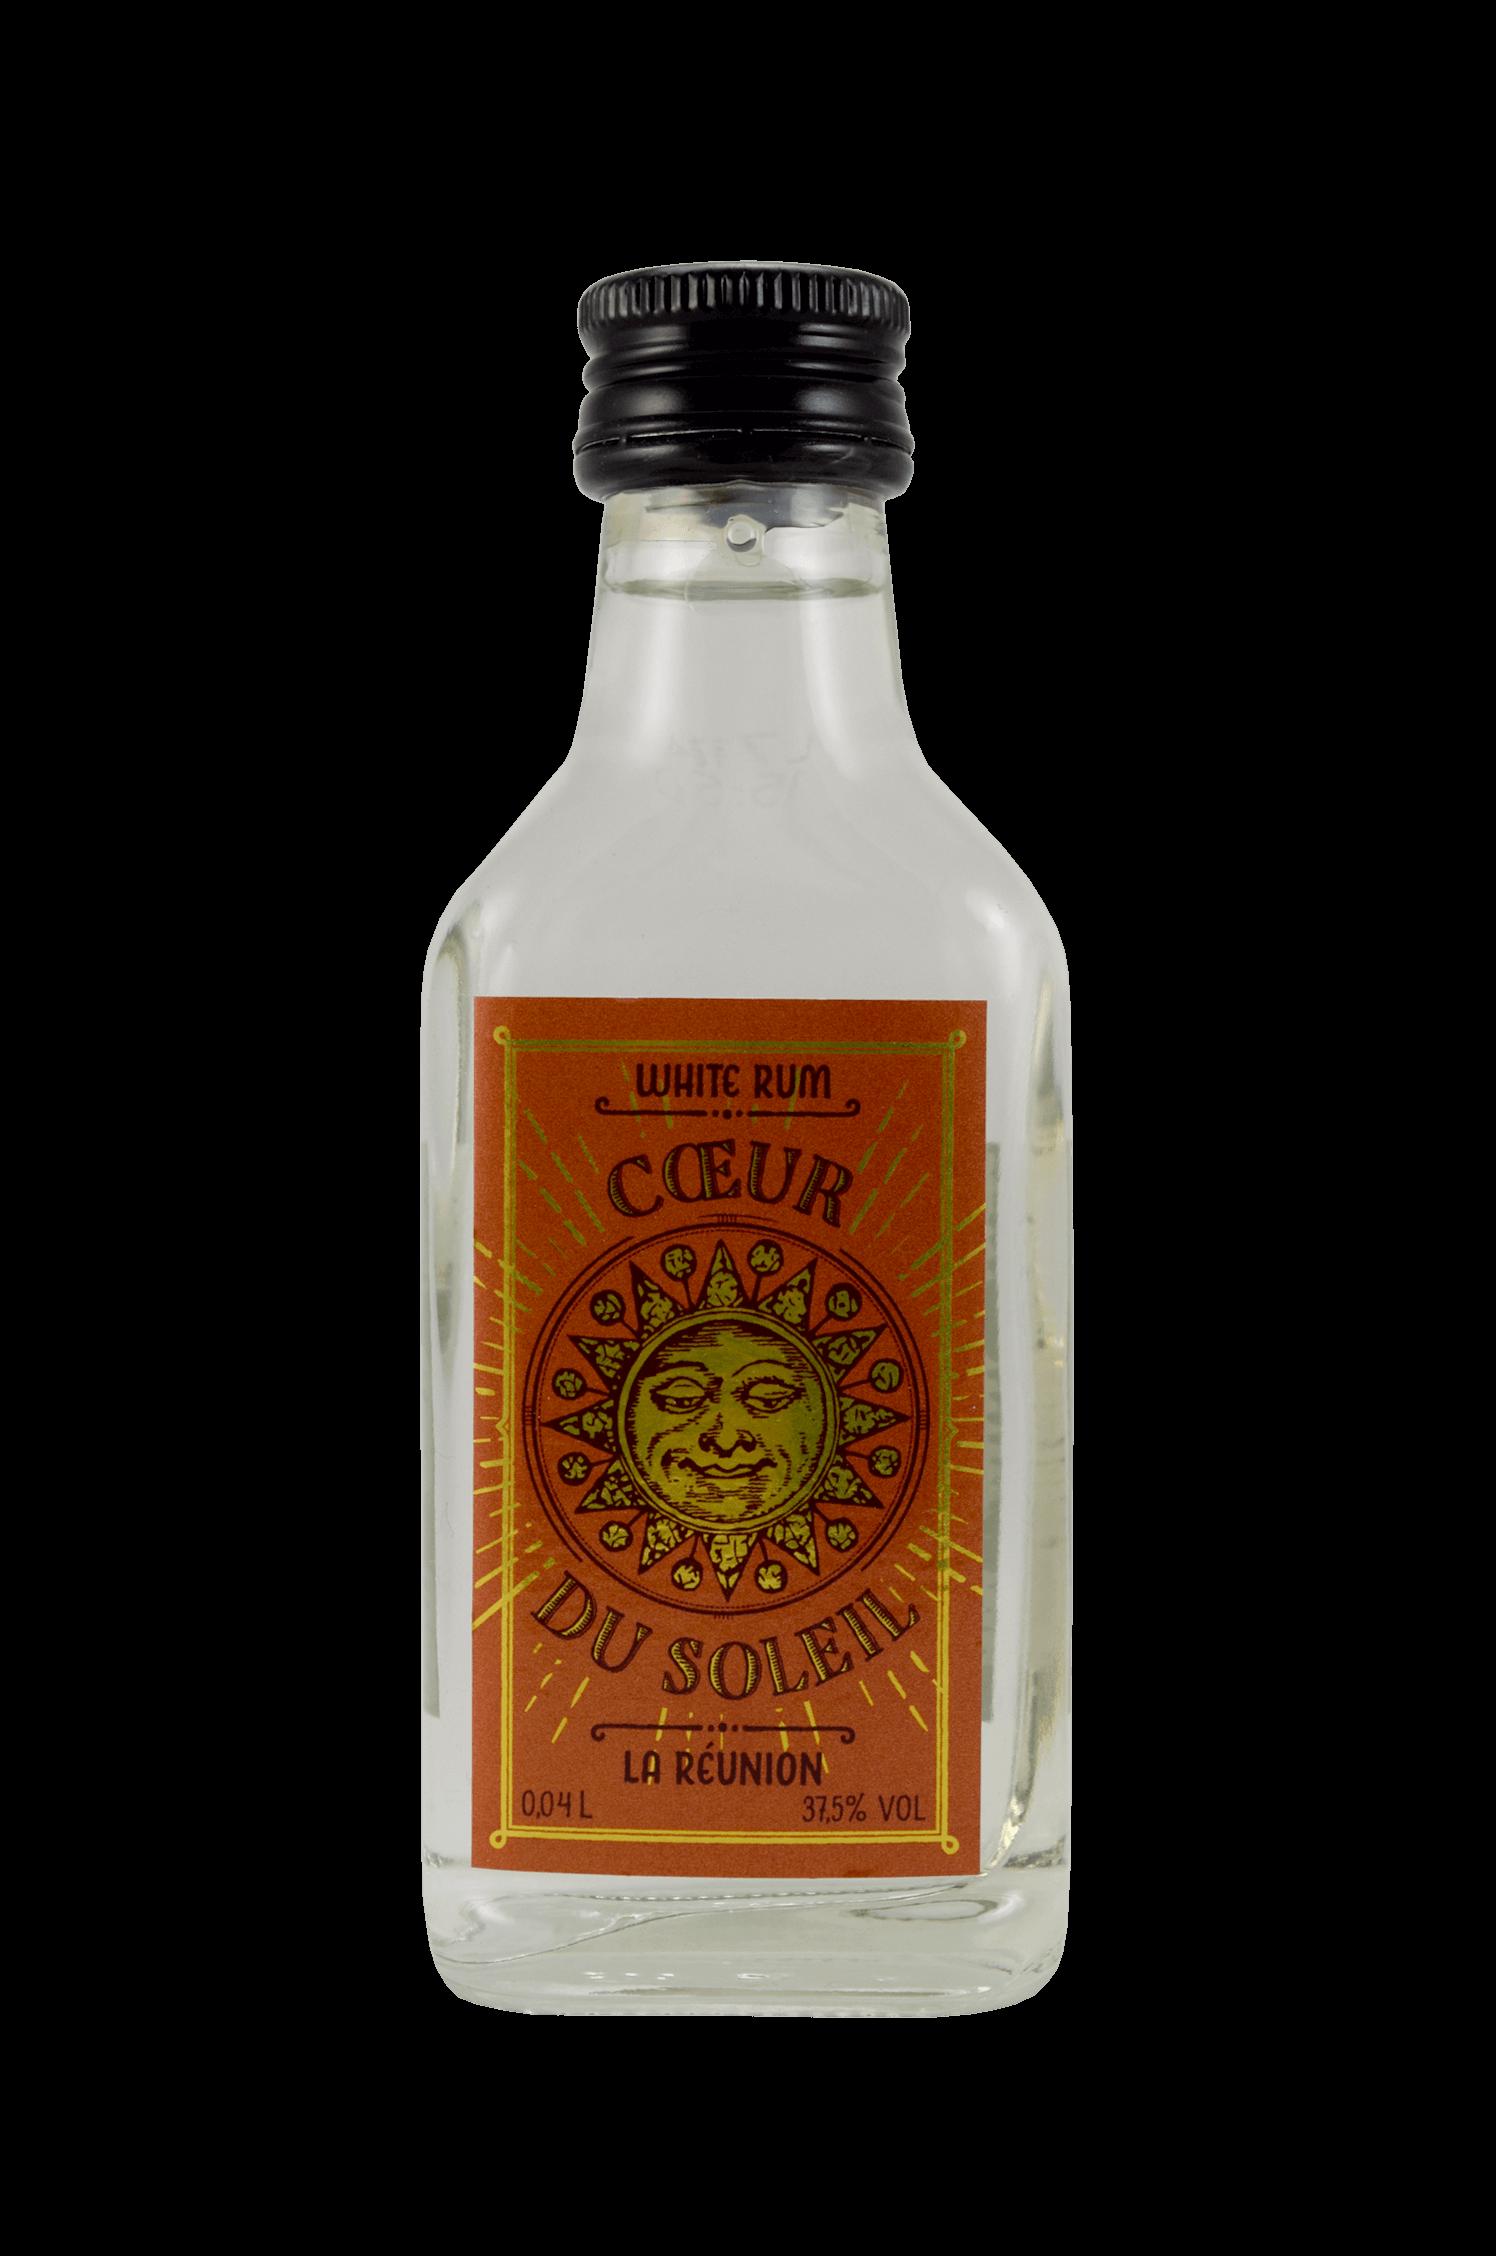 Coeur Du Soleil White Rum